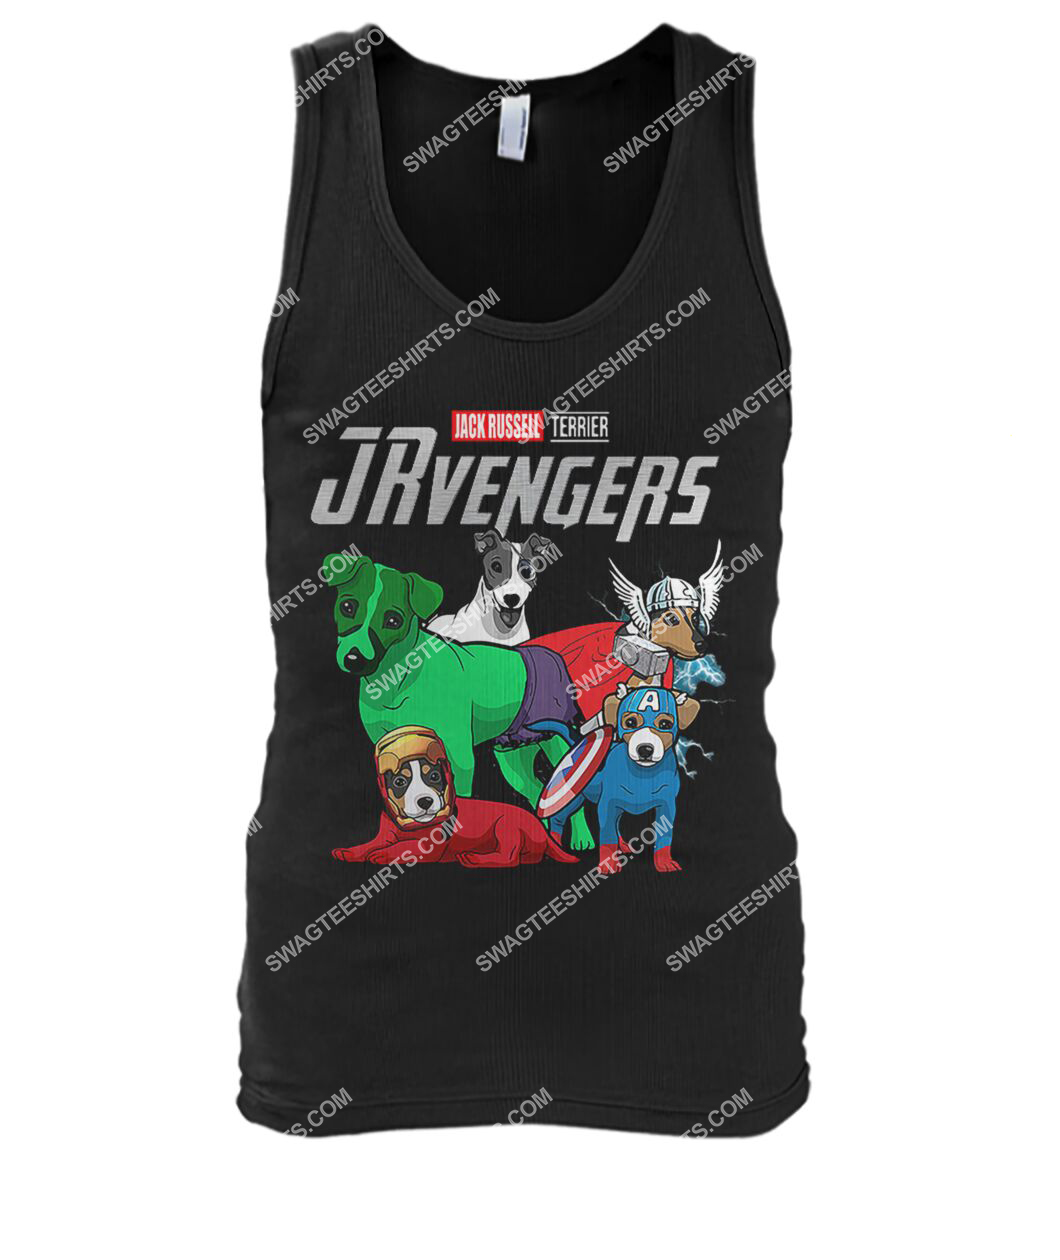 jack russell jrvengers marvel avengers dogs lover tank top 1